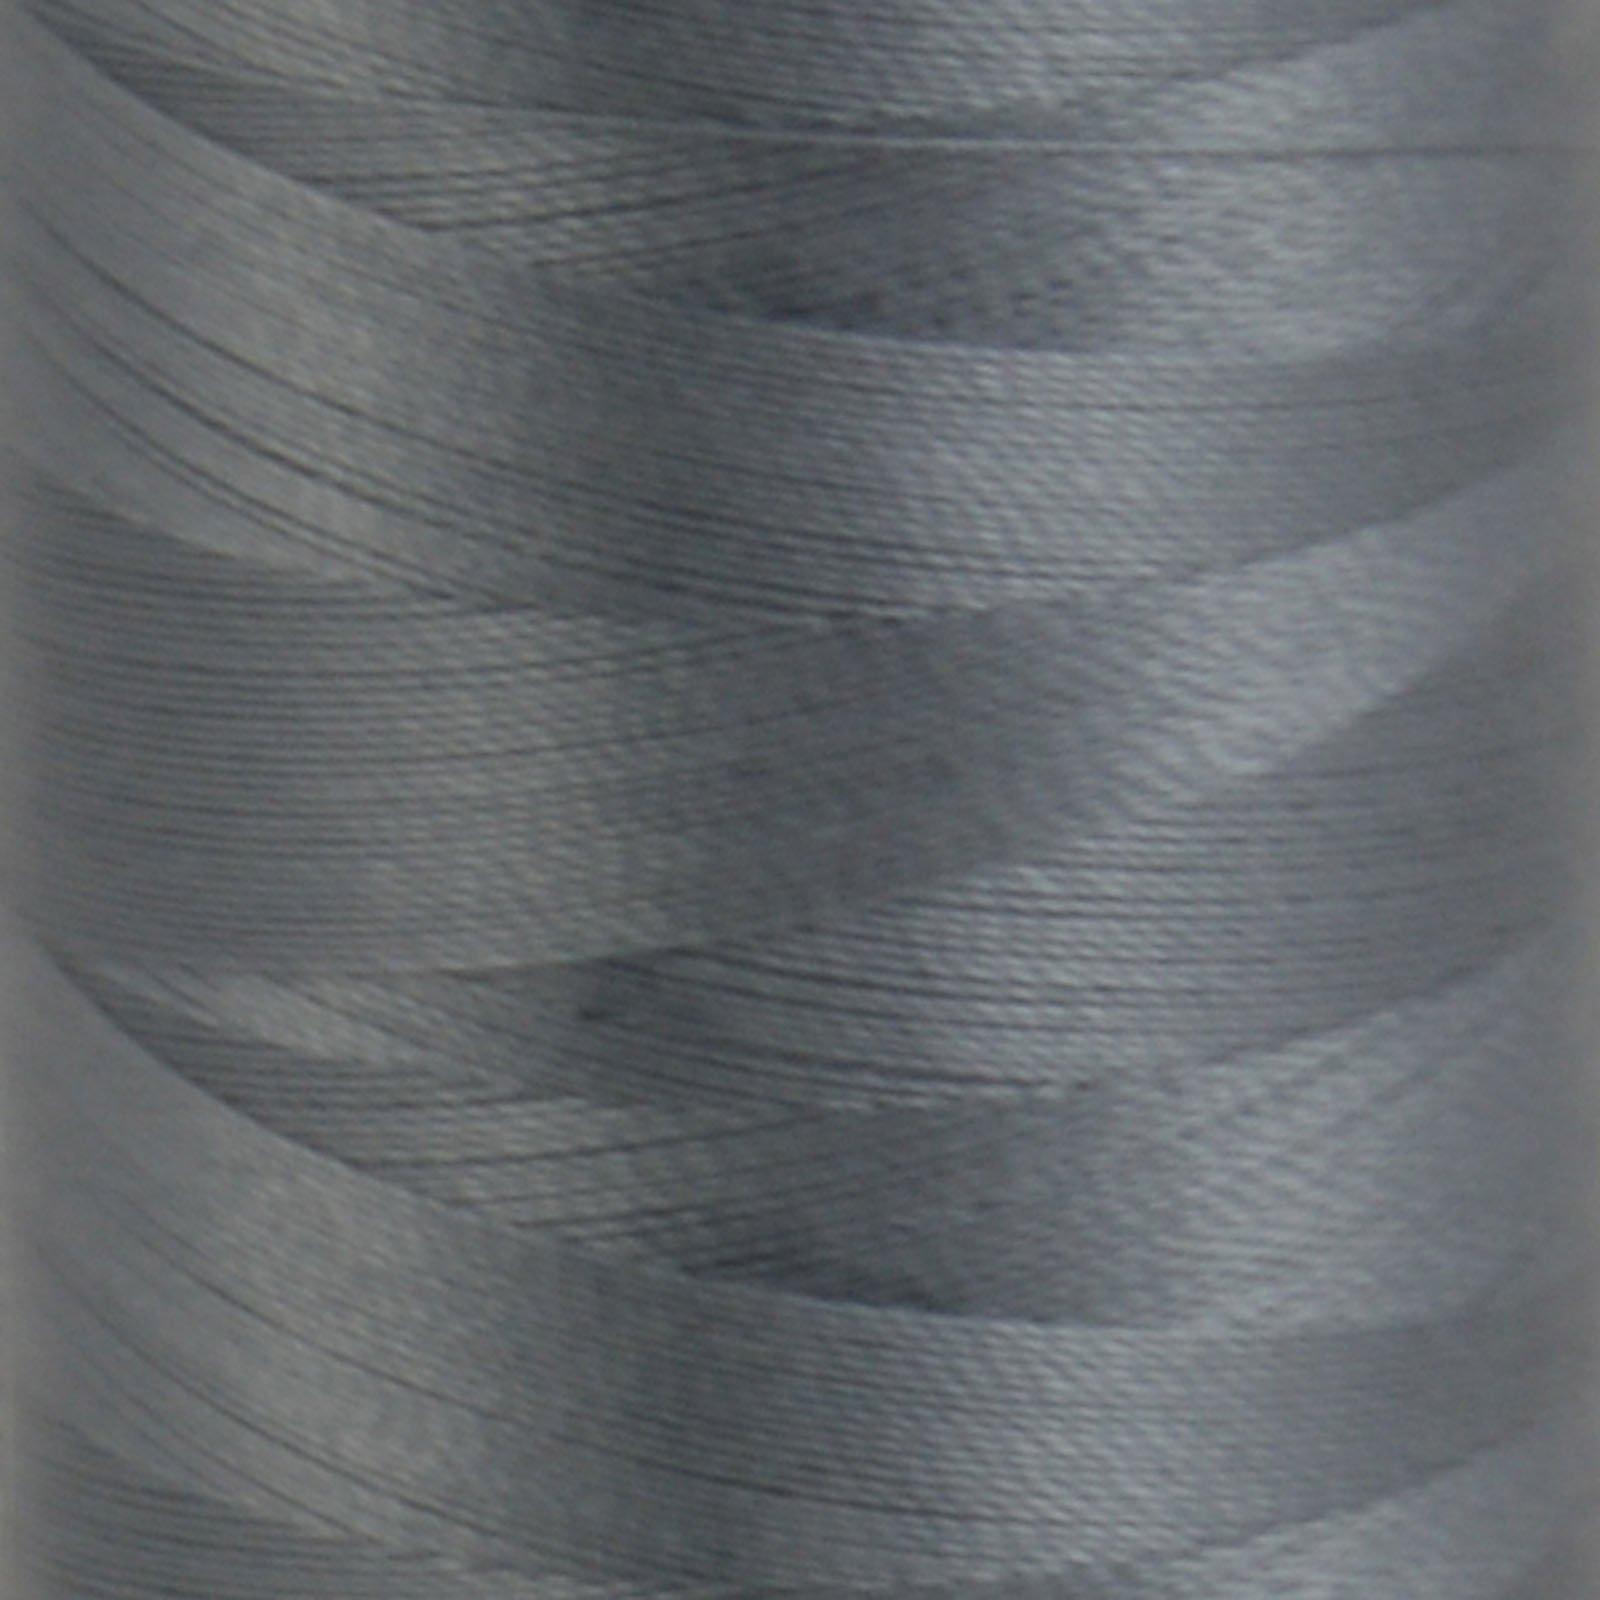 # 2605 Grey